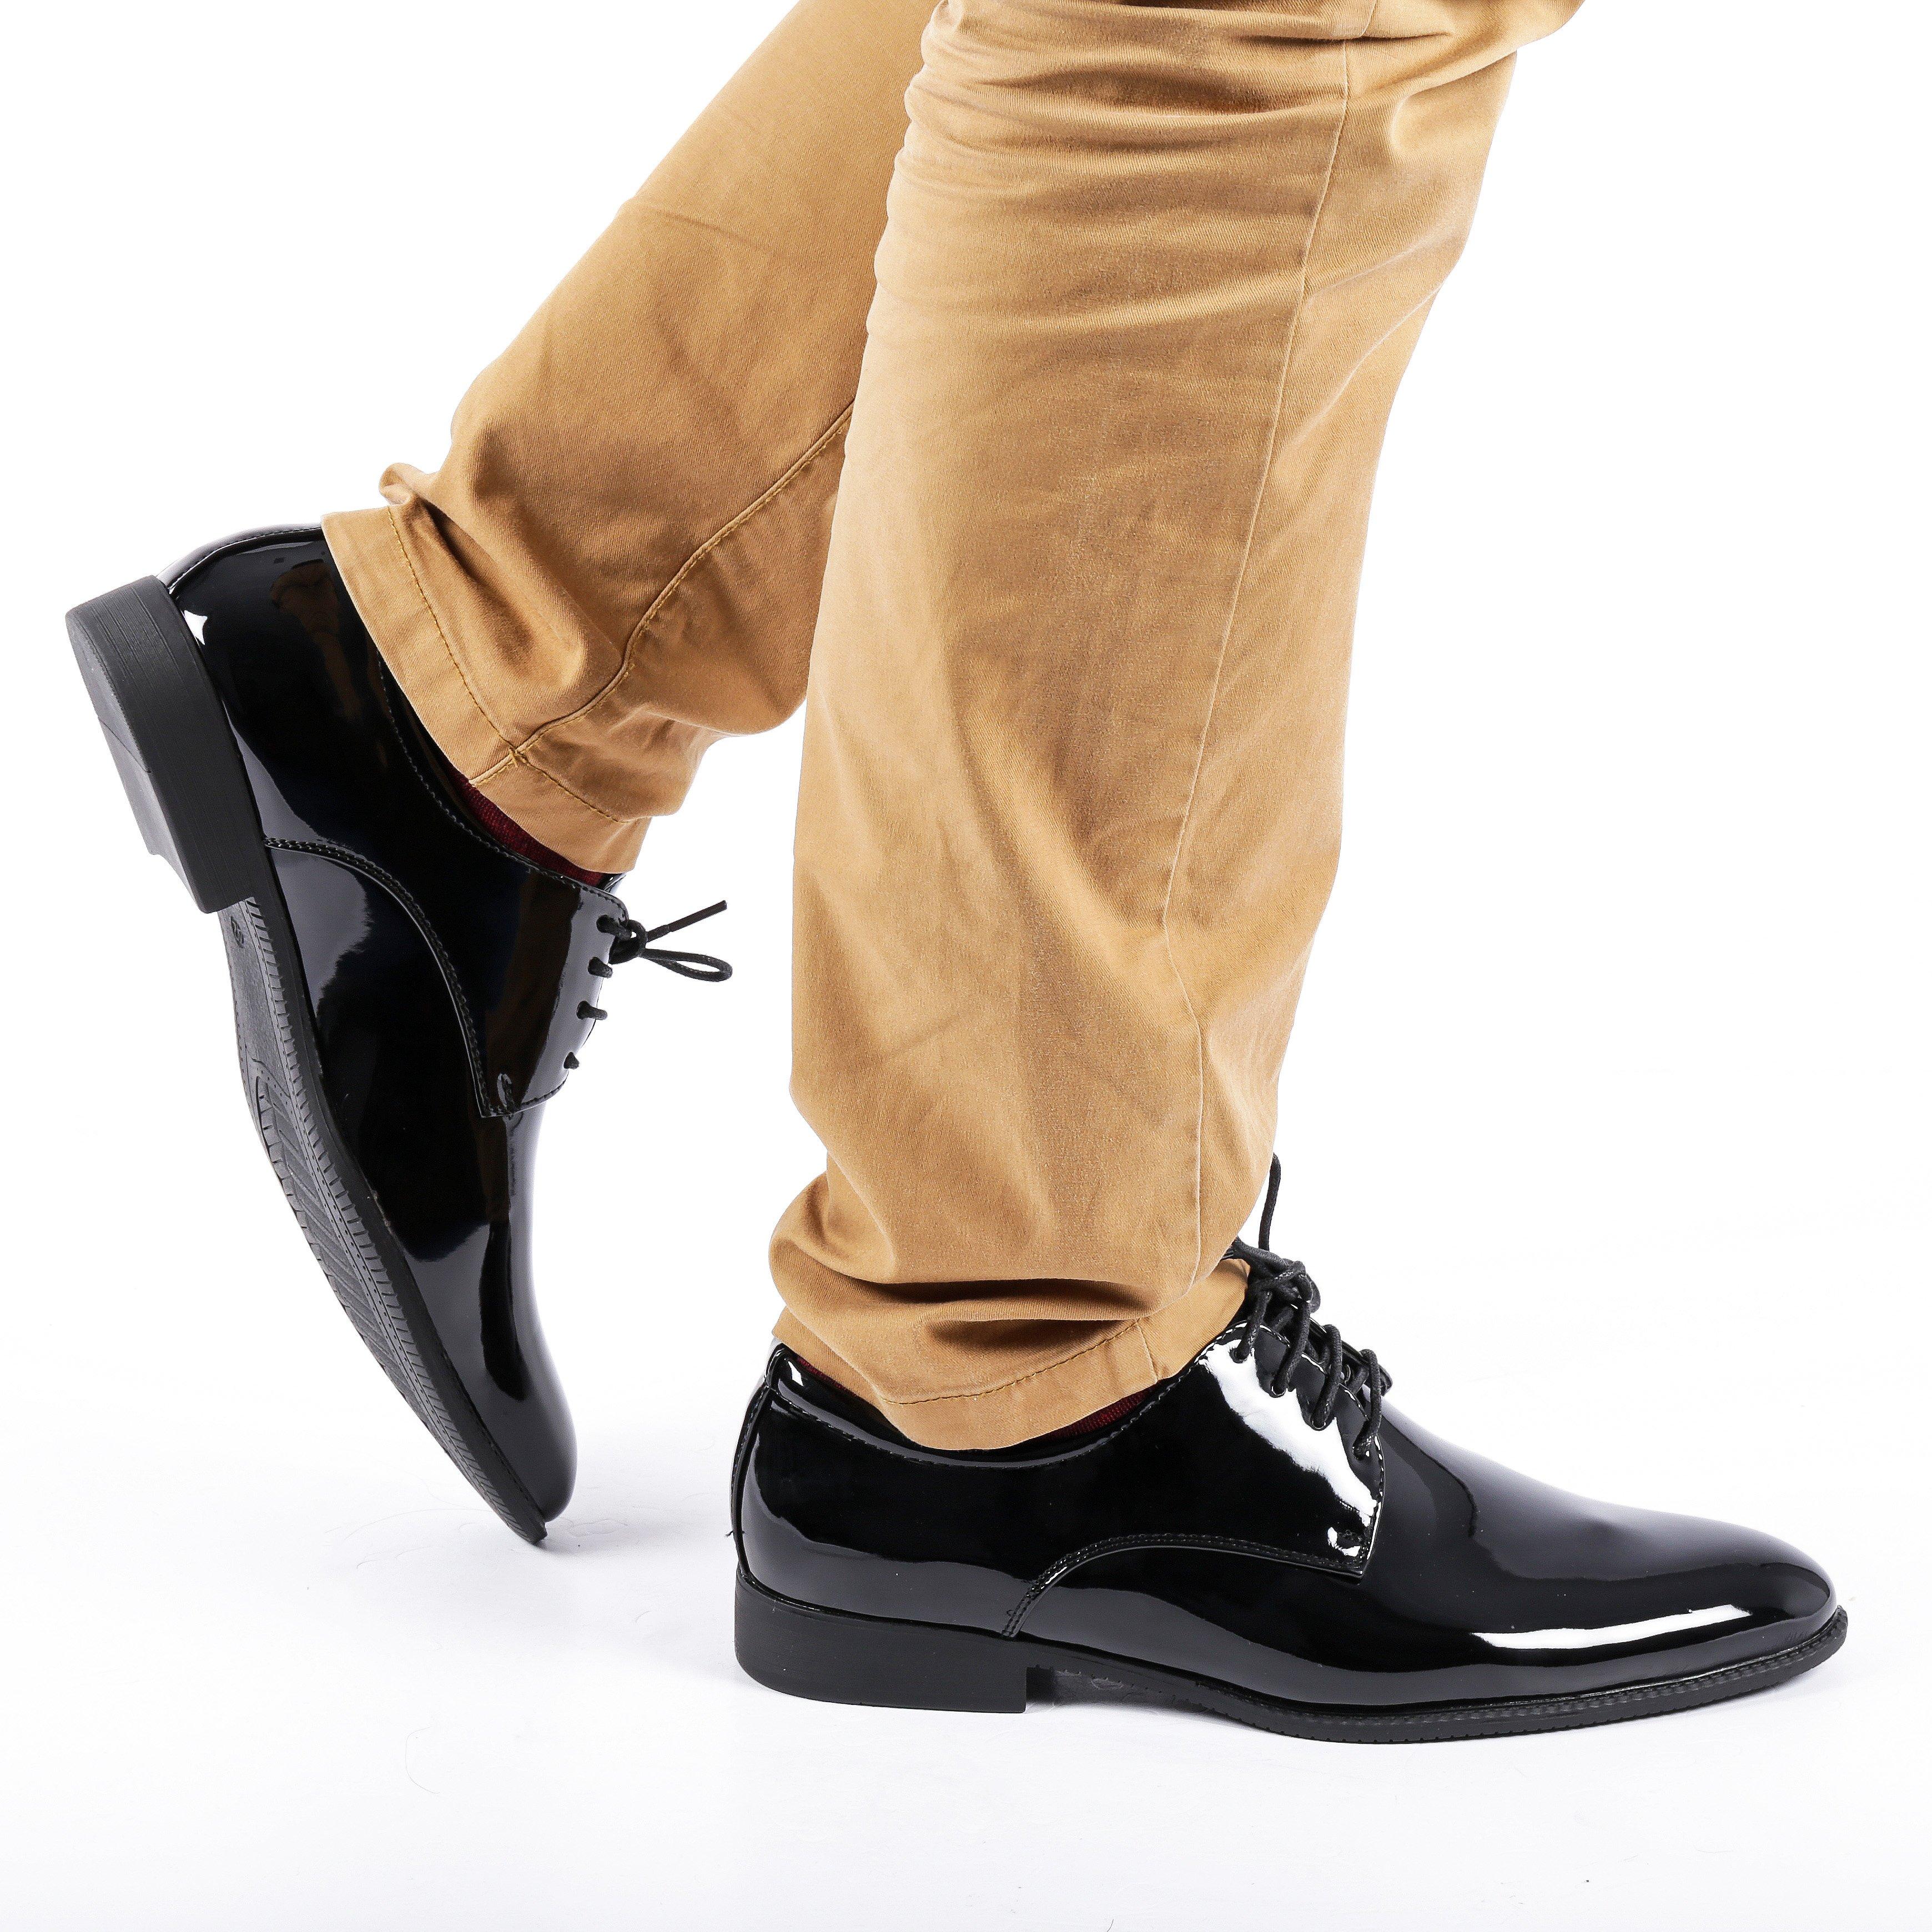 Pantofi barbati Aarav negri